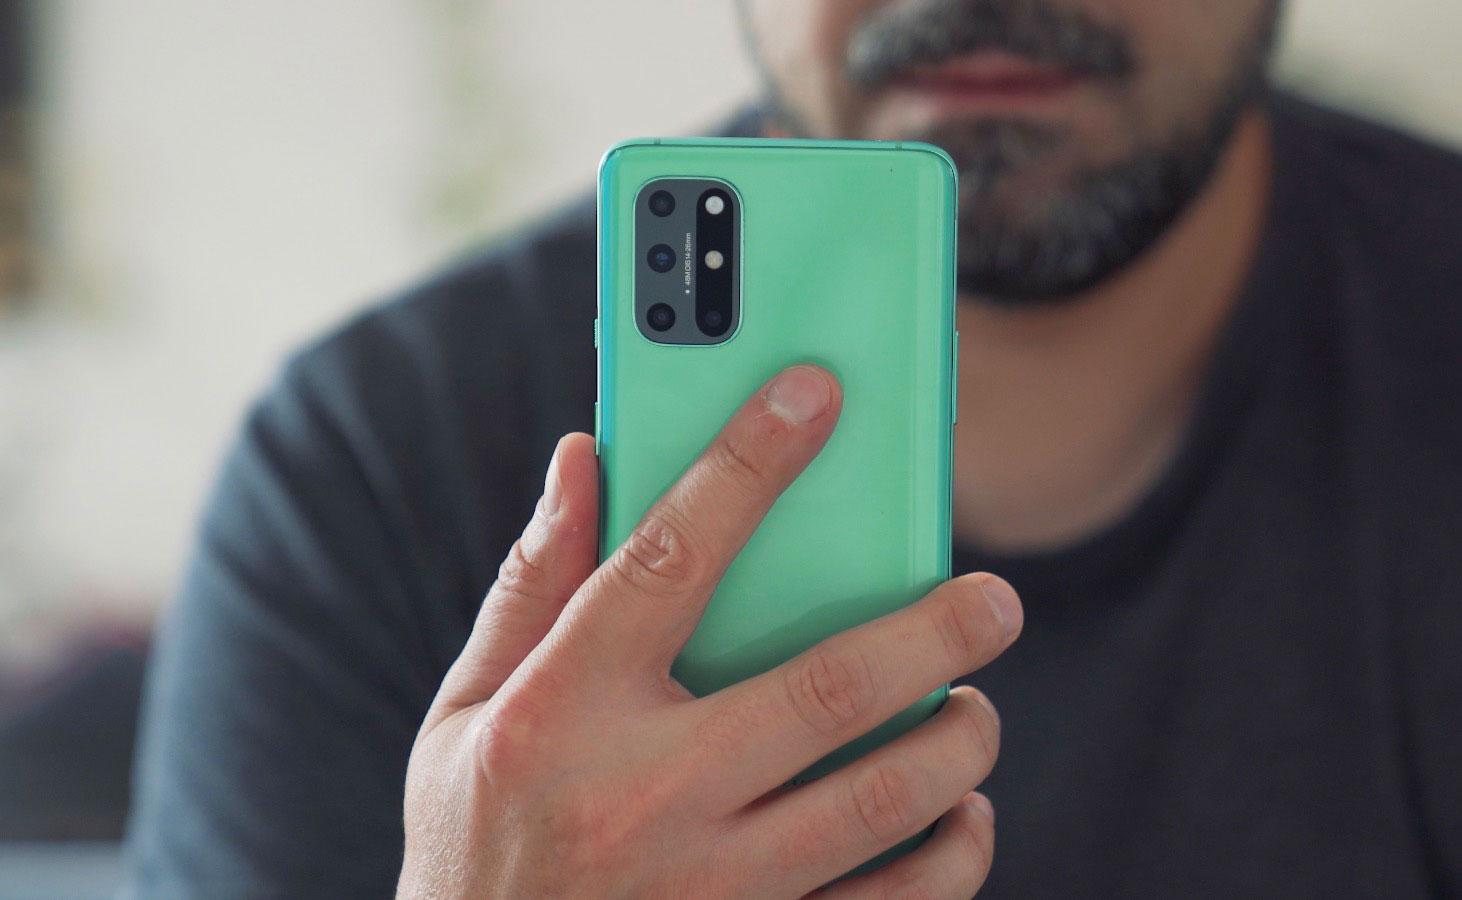 Le OnePlus 8T se décline en deux couleurs. Voici la version verte, qui n'est pas aussi salissante qu'on pourrait le croire